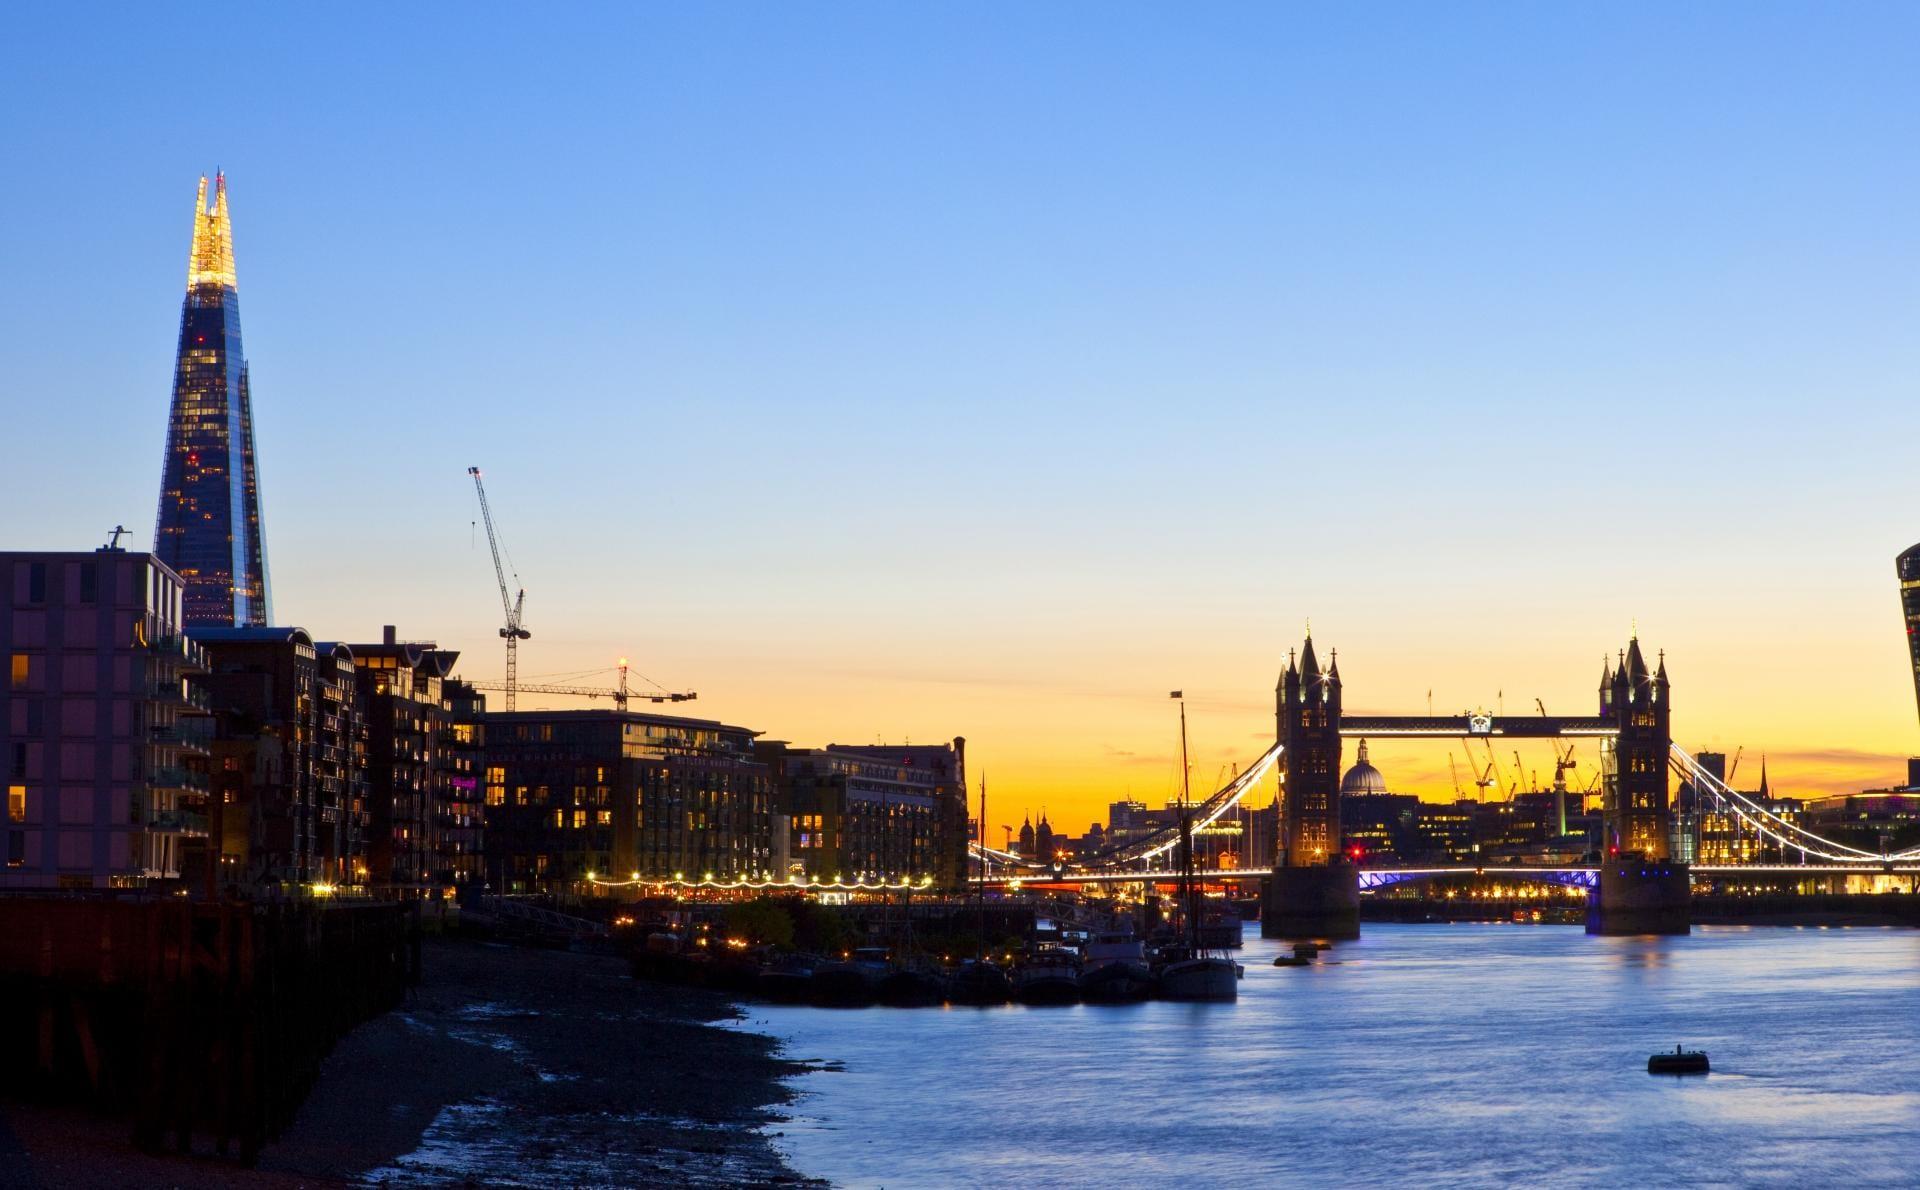 Edificio The Shard y Tower Bridge al atardecer, Londres